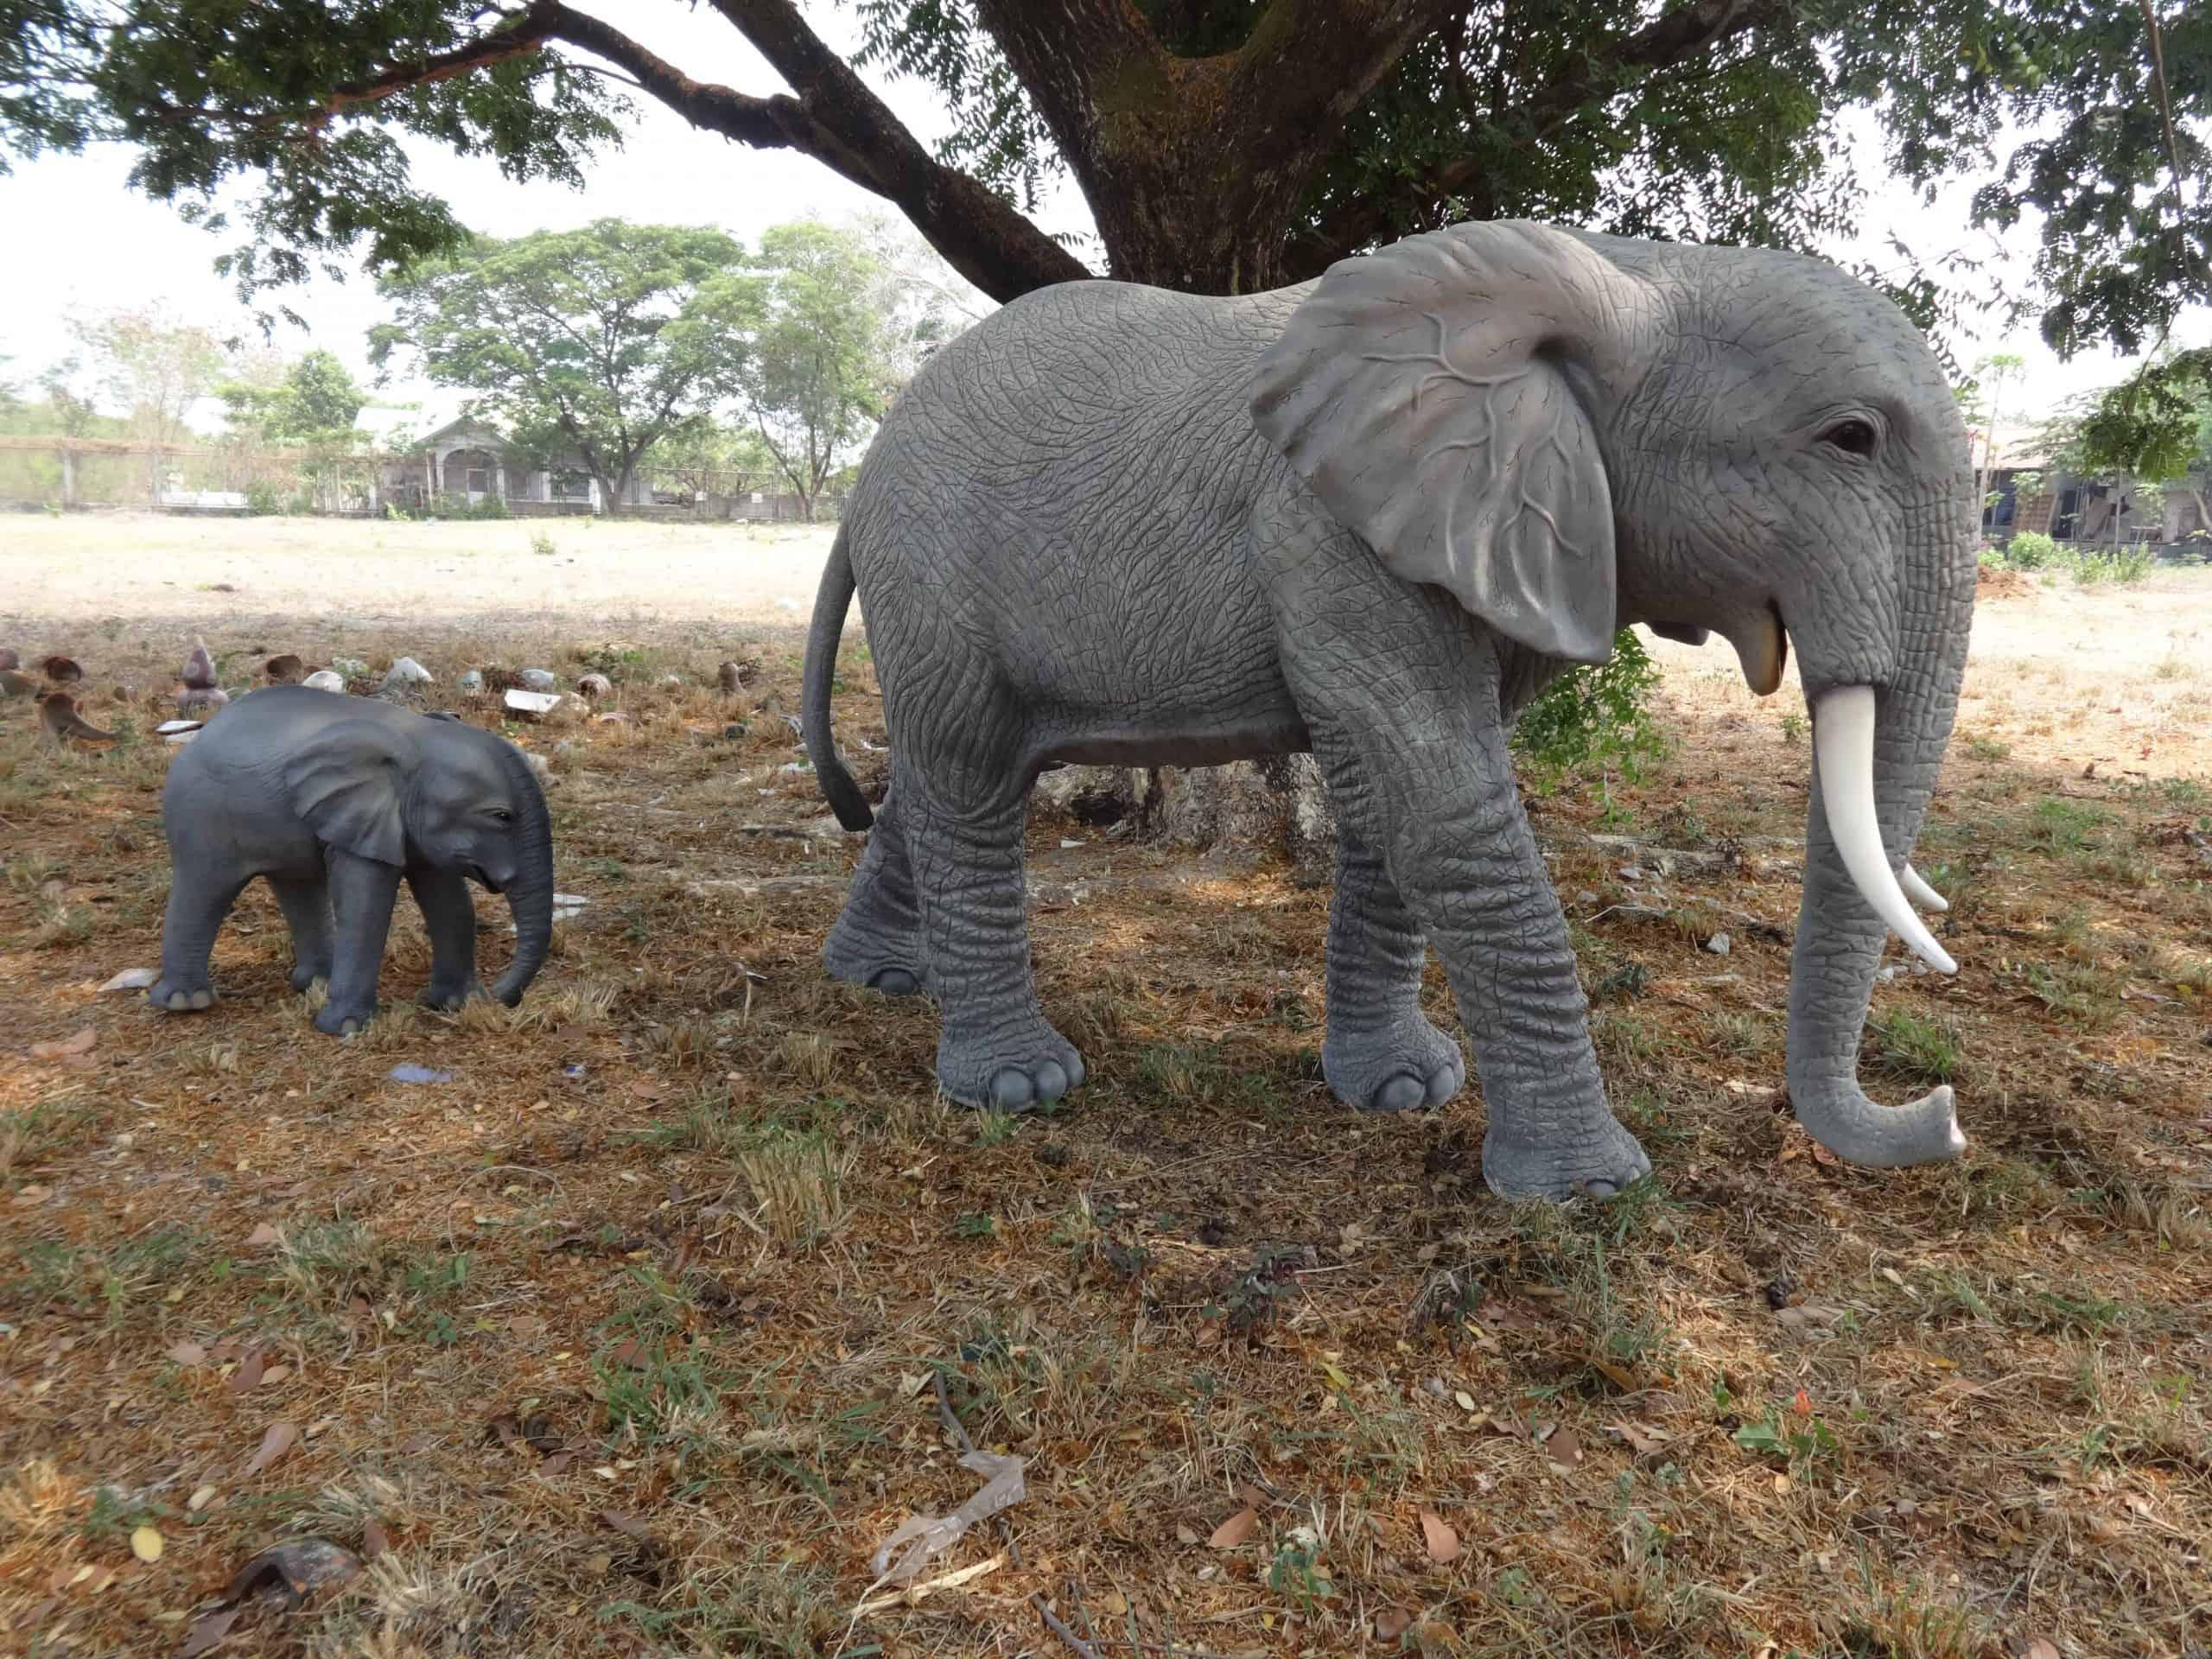 פסל של פיל חדק למטה